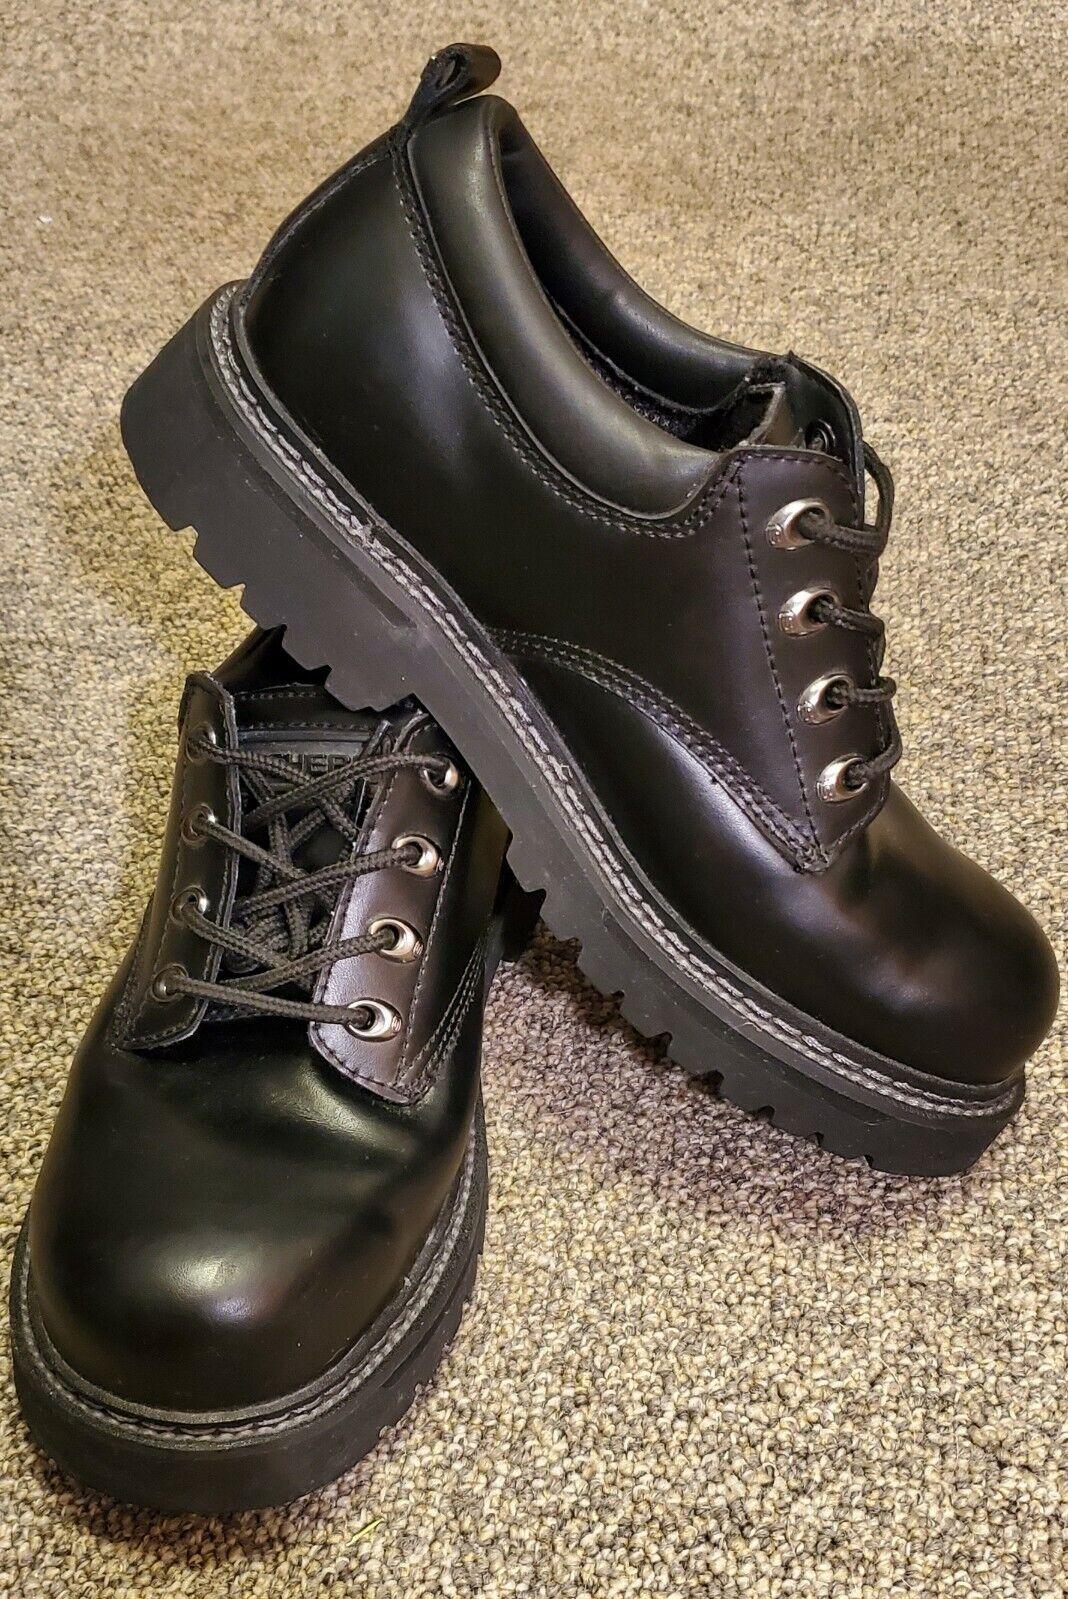 Sketchers Men's Shoe Size 8EW Cool Cat Pixel Oxford Black-SN 60101